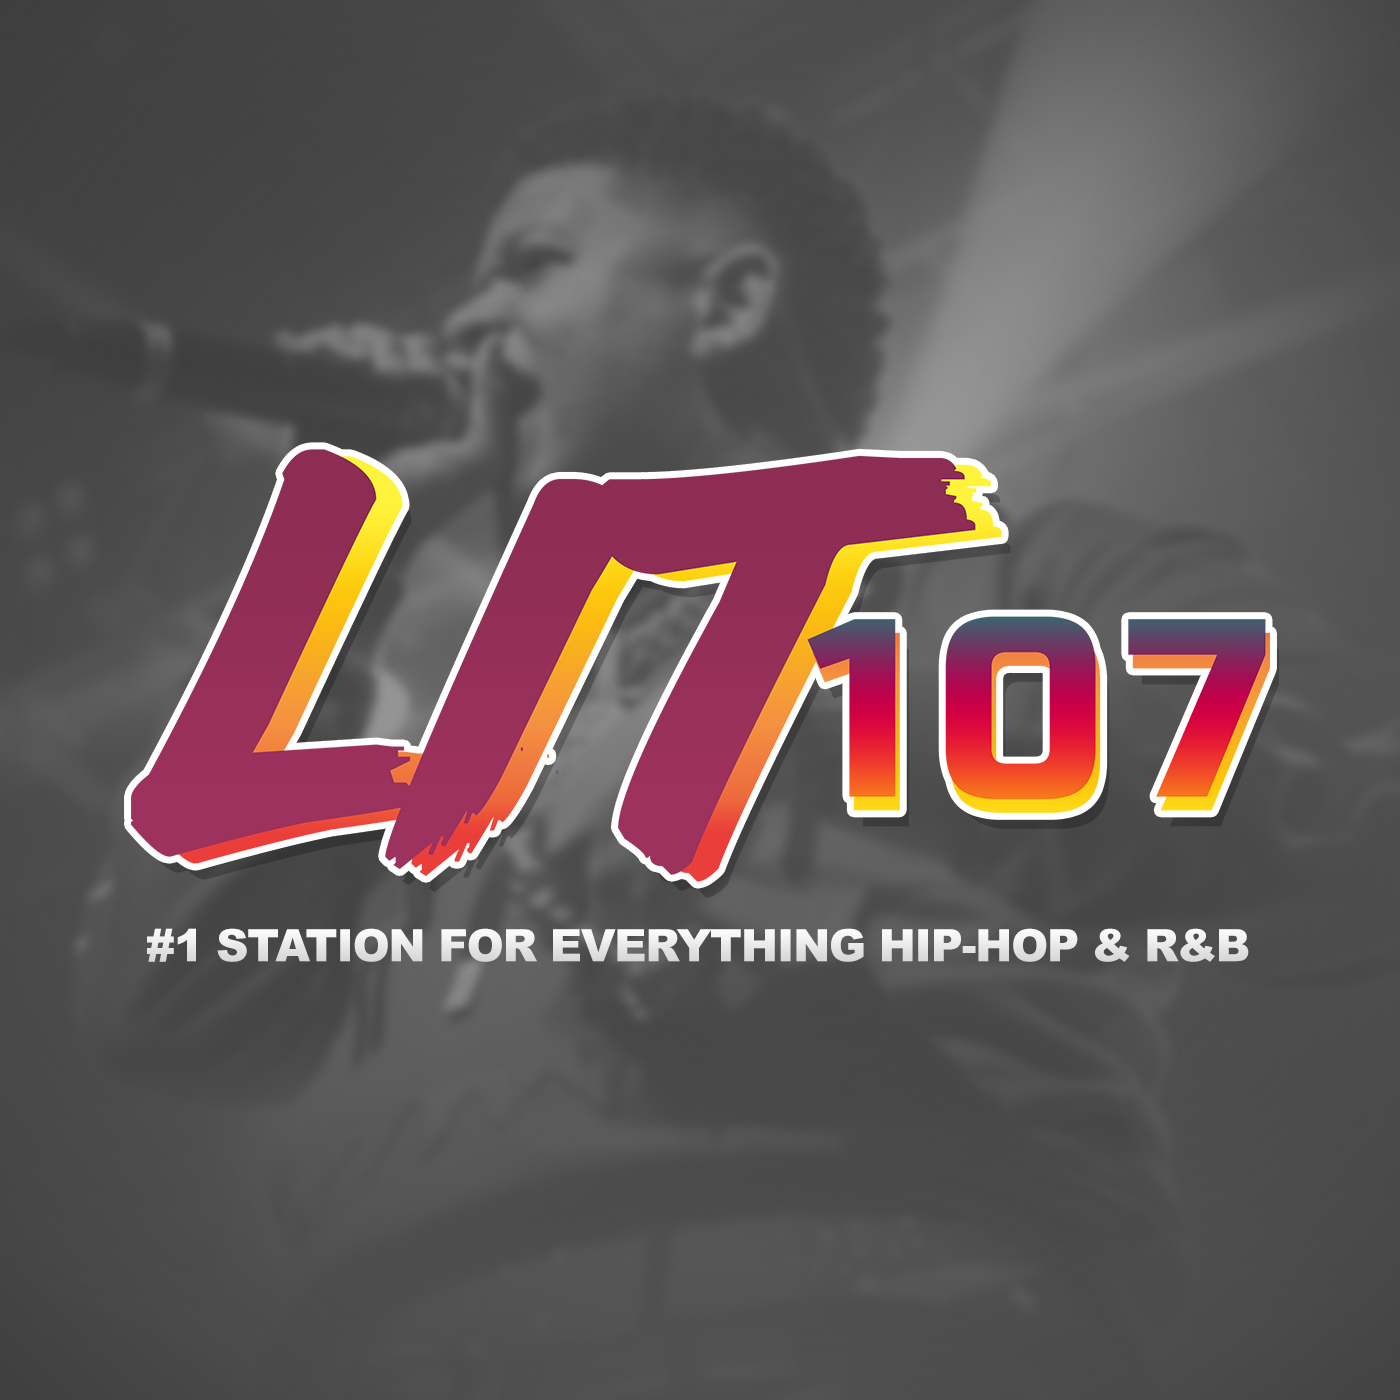 Lit 107 | #1 For Everything Hip-Hop | 64k | www.lit107.com